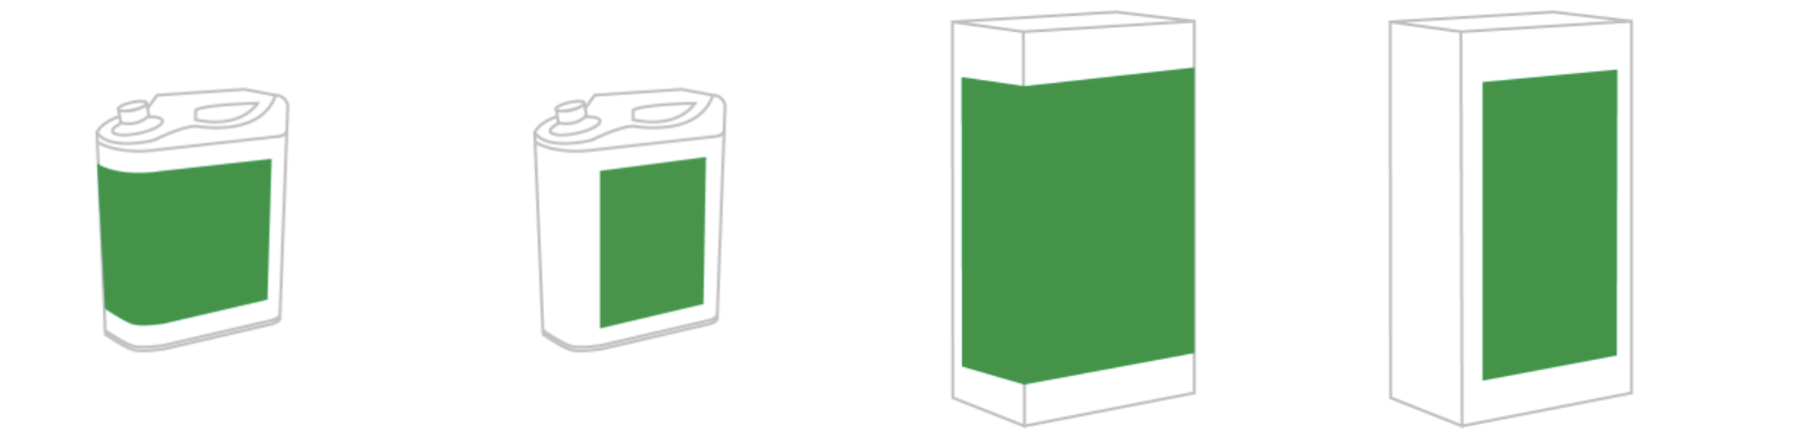 Langguth Wet Glue Case Labeler Profiles